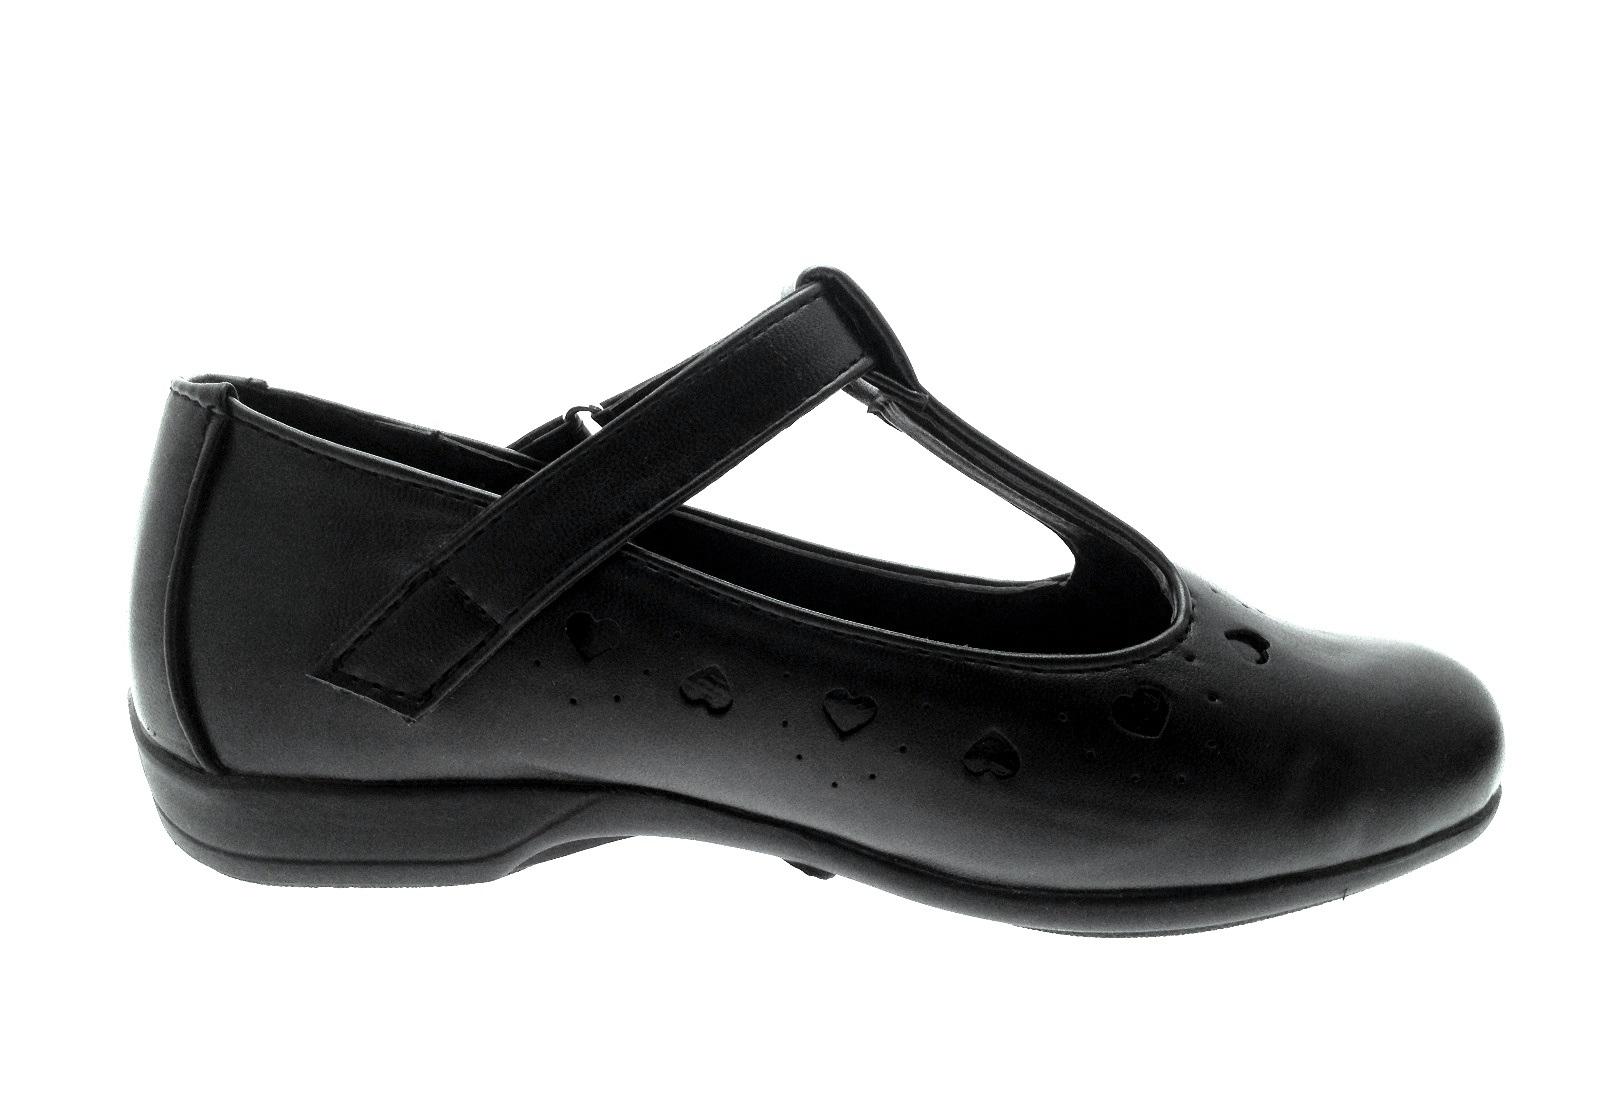 Infant Mary Jane Shoes Black